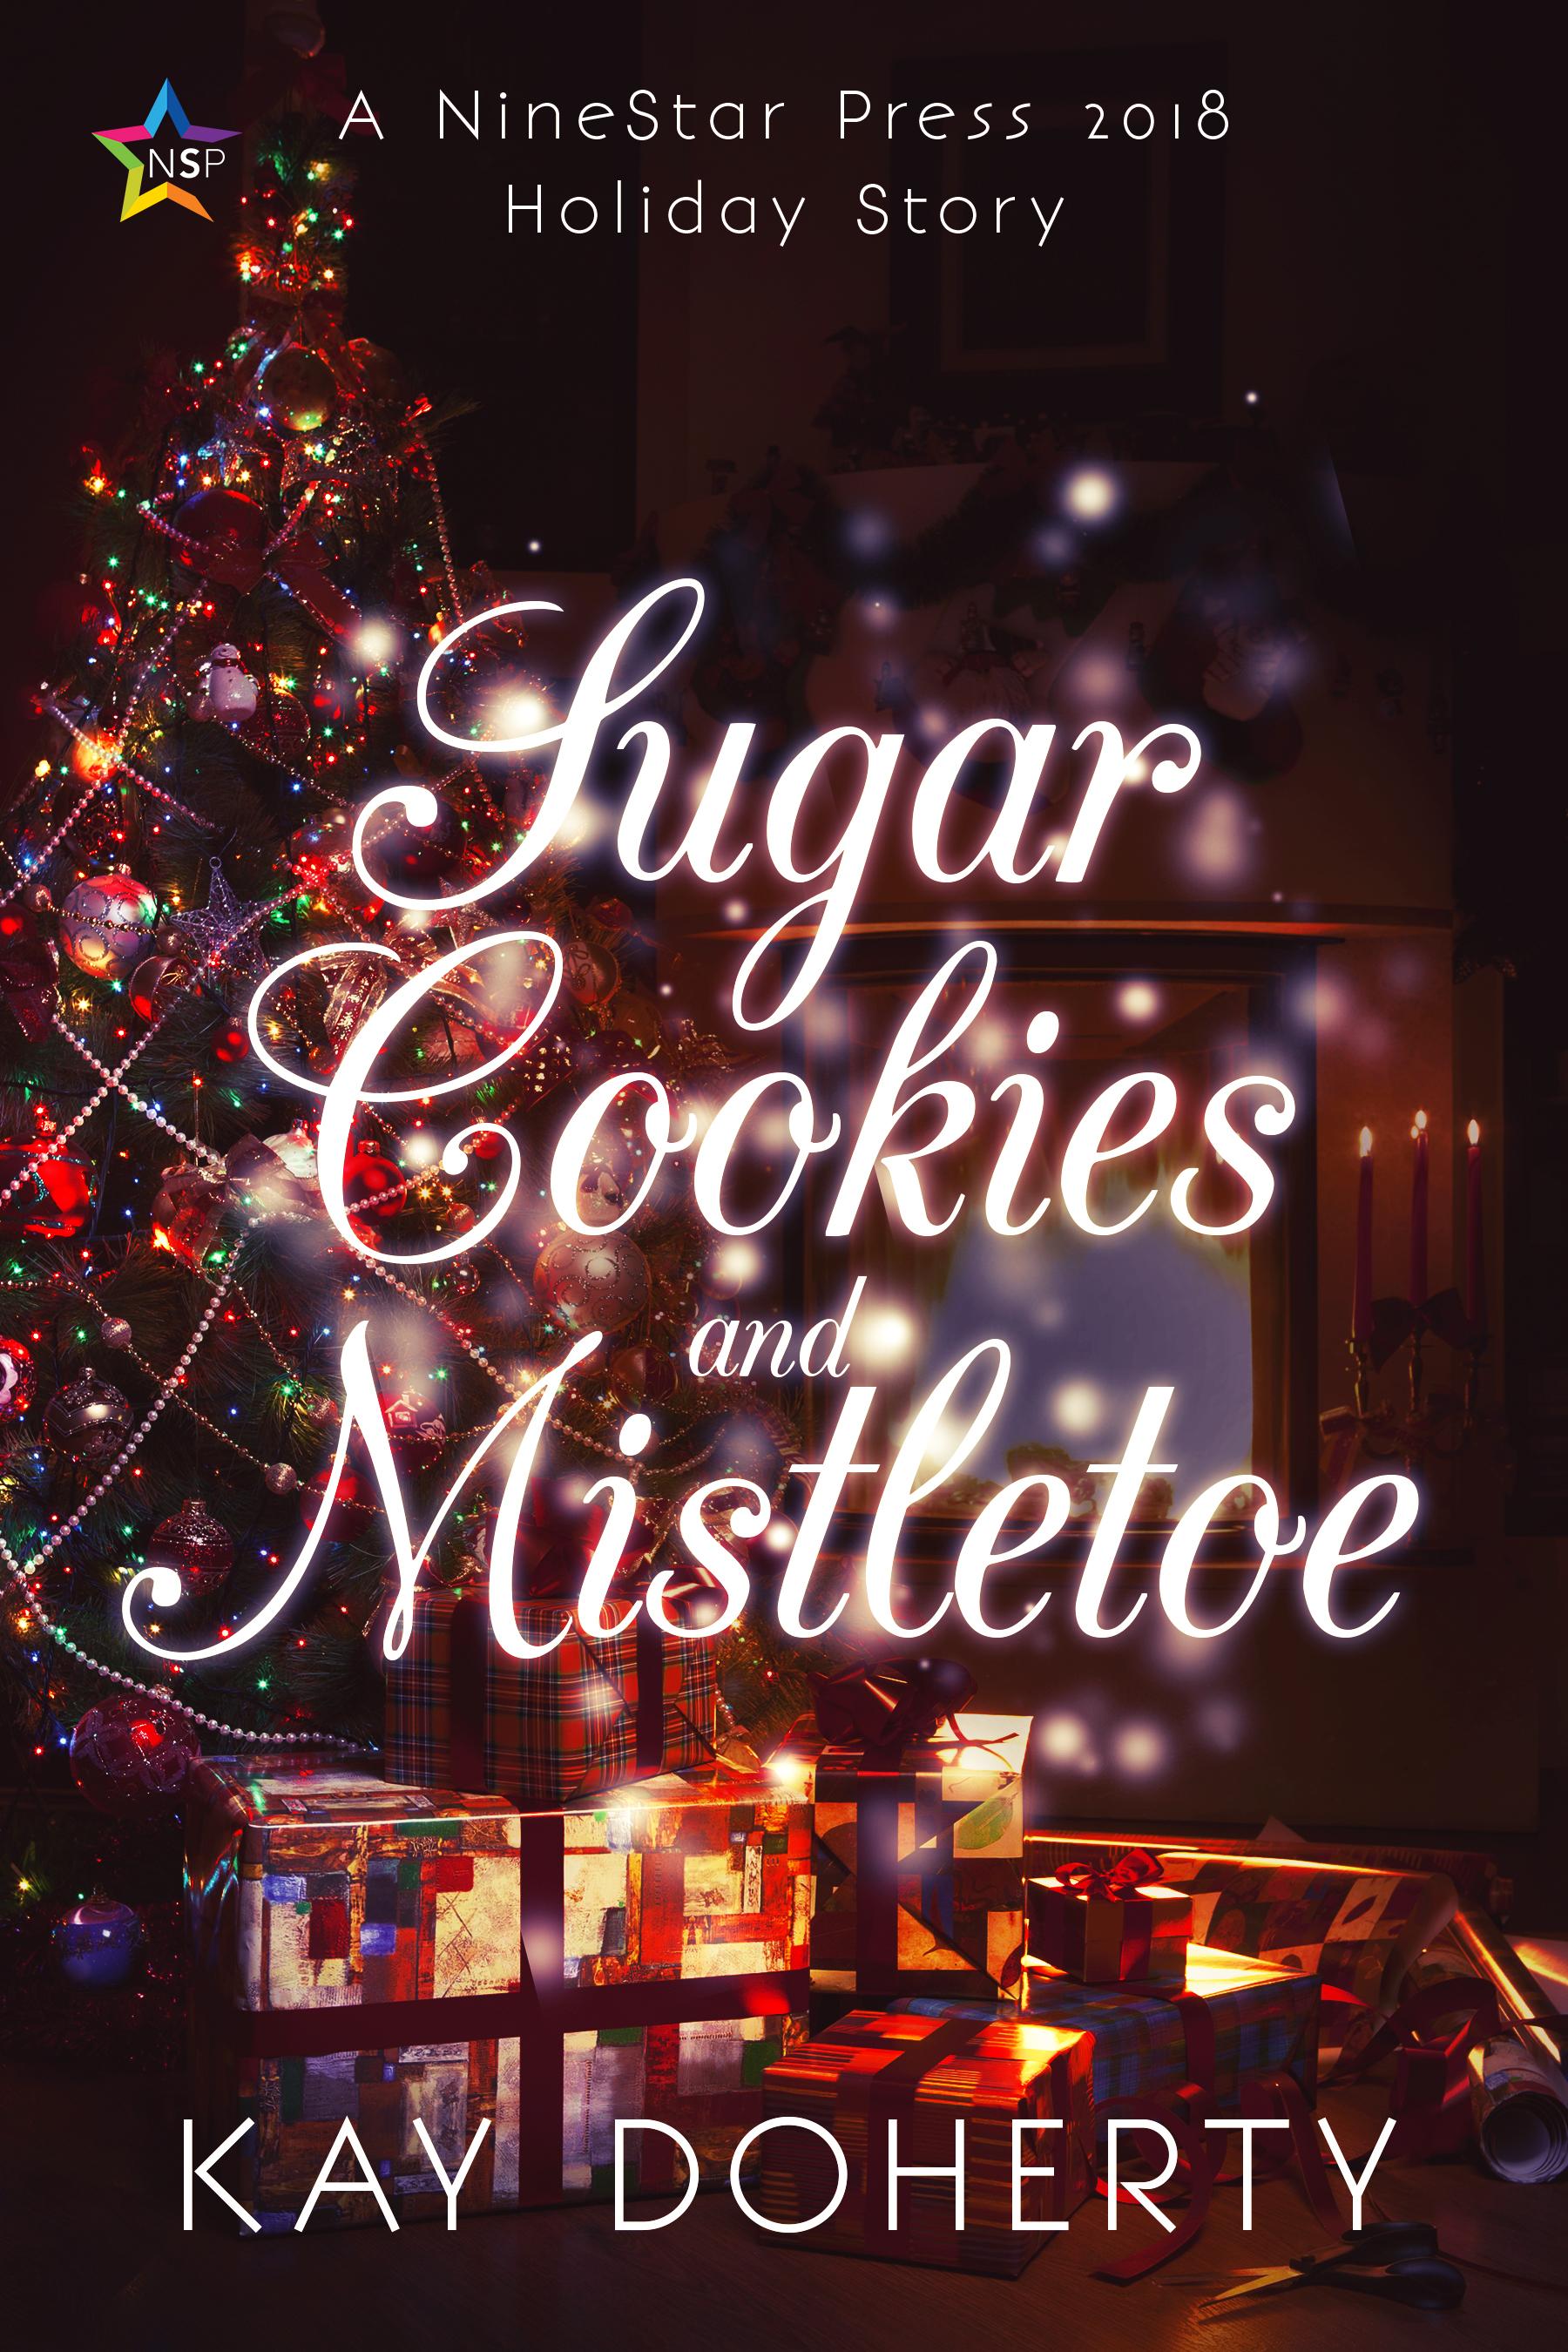 SugarCookiesandMistletoe cover.jpg